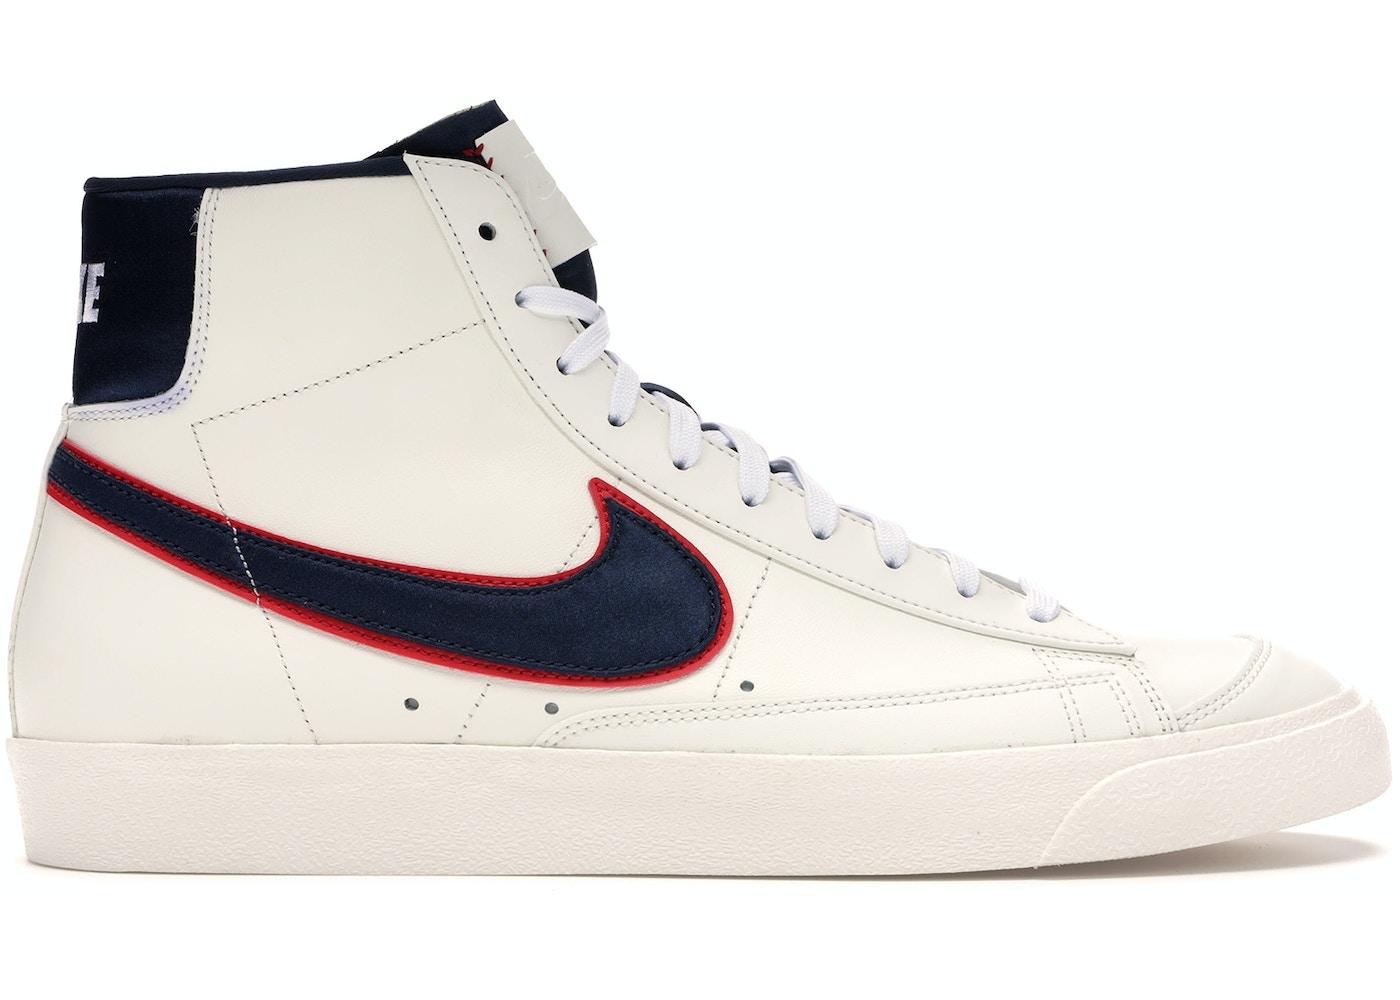 quality design 541e2 9e4a5 Nike Blazer Mid 77 City Pride Chicago - CD9318-100